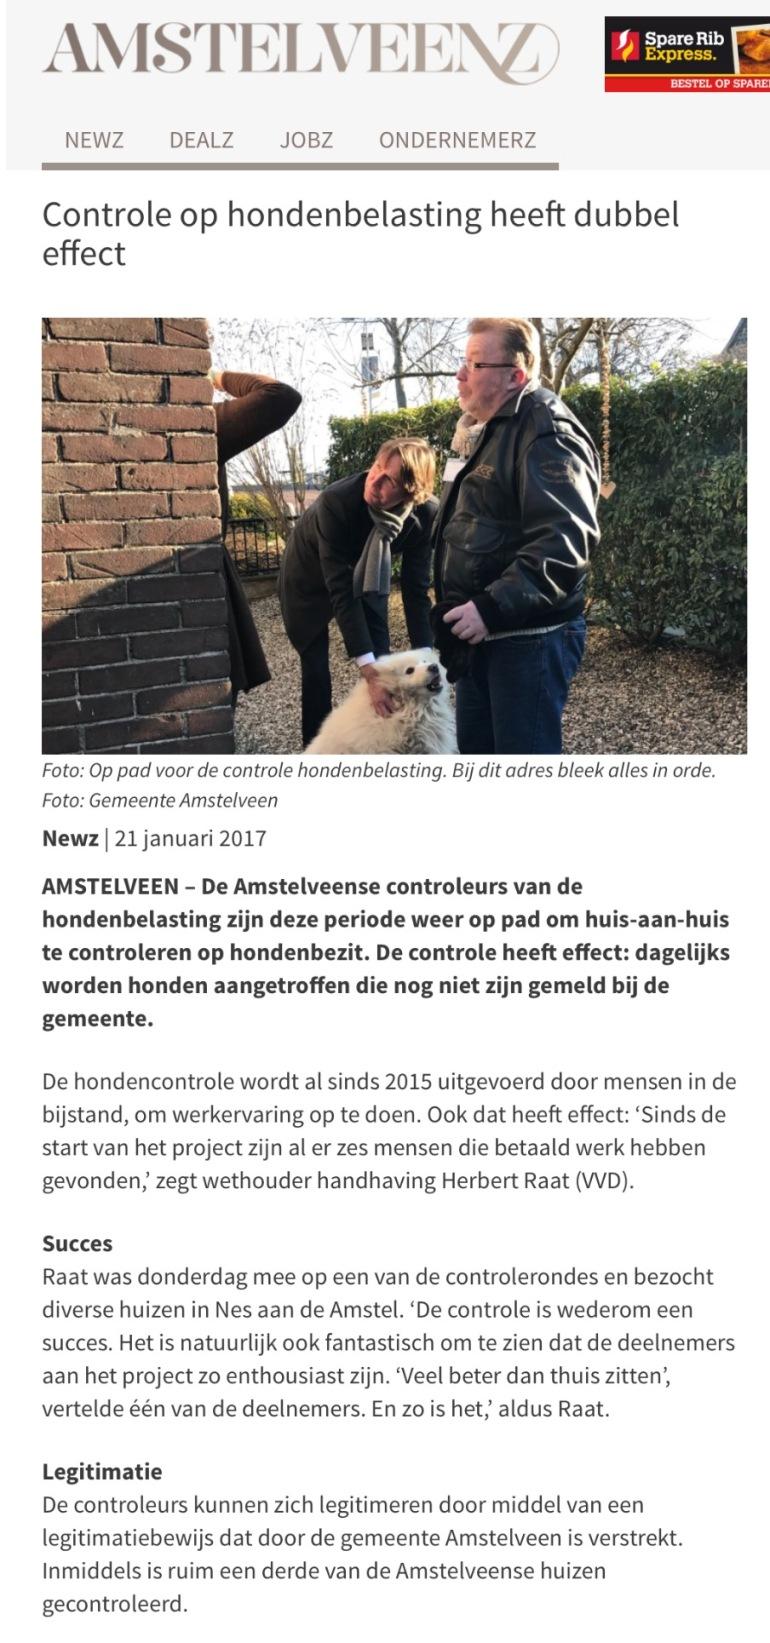 2017-21`-1 Amstelveenz; Herbert Raat over controle hondenbelasting